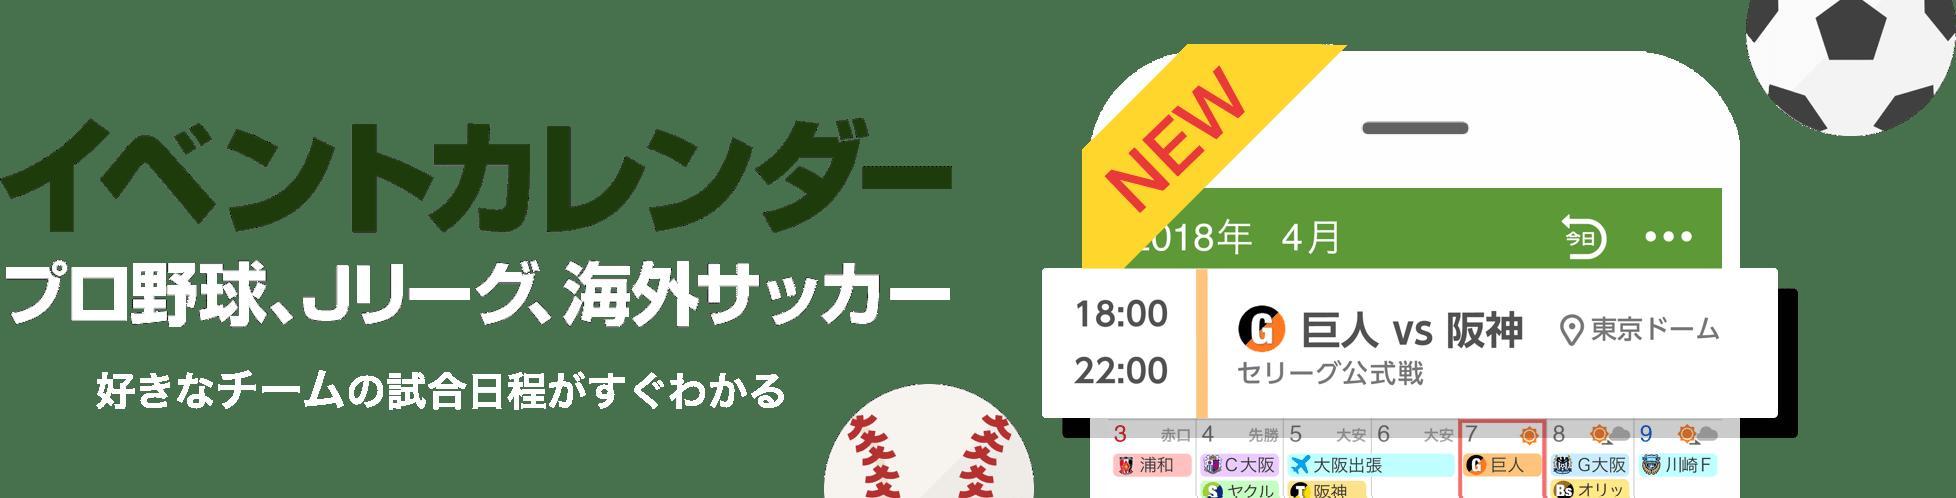 イベントカレンダー プロ野球、Jリーグ、海外サッカー 好きなチームの試合日程がすぐわかる